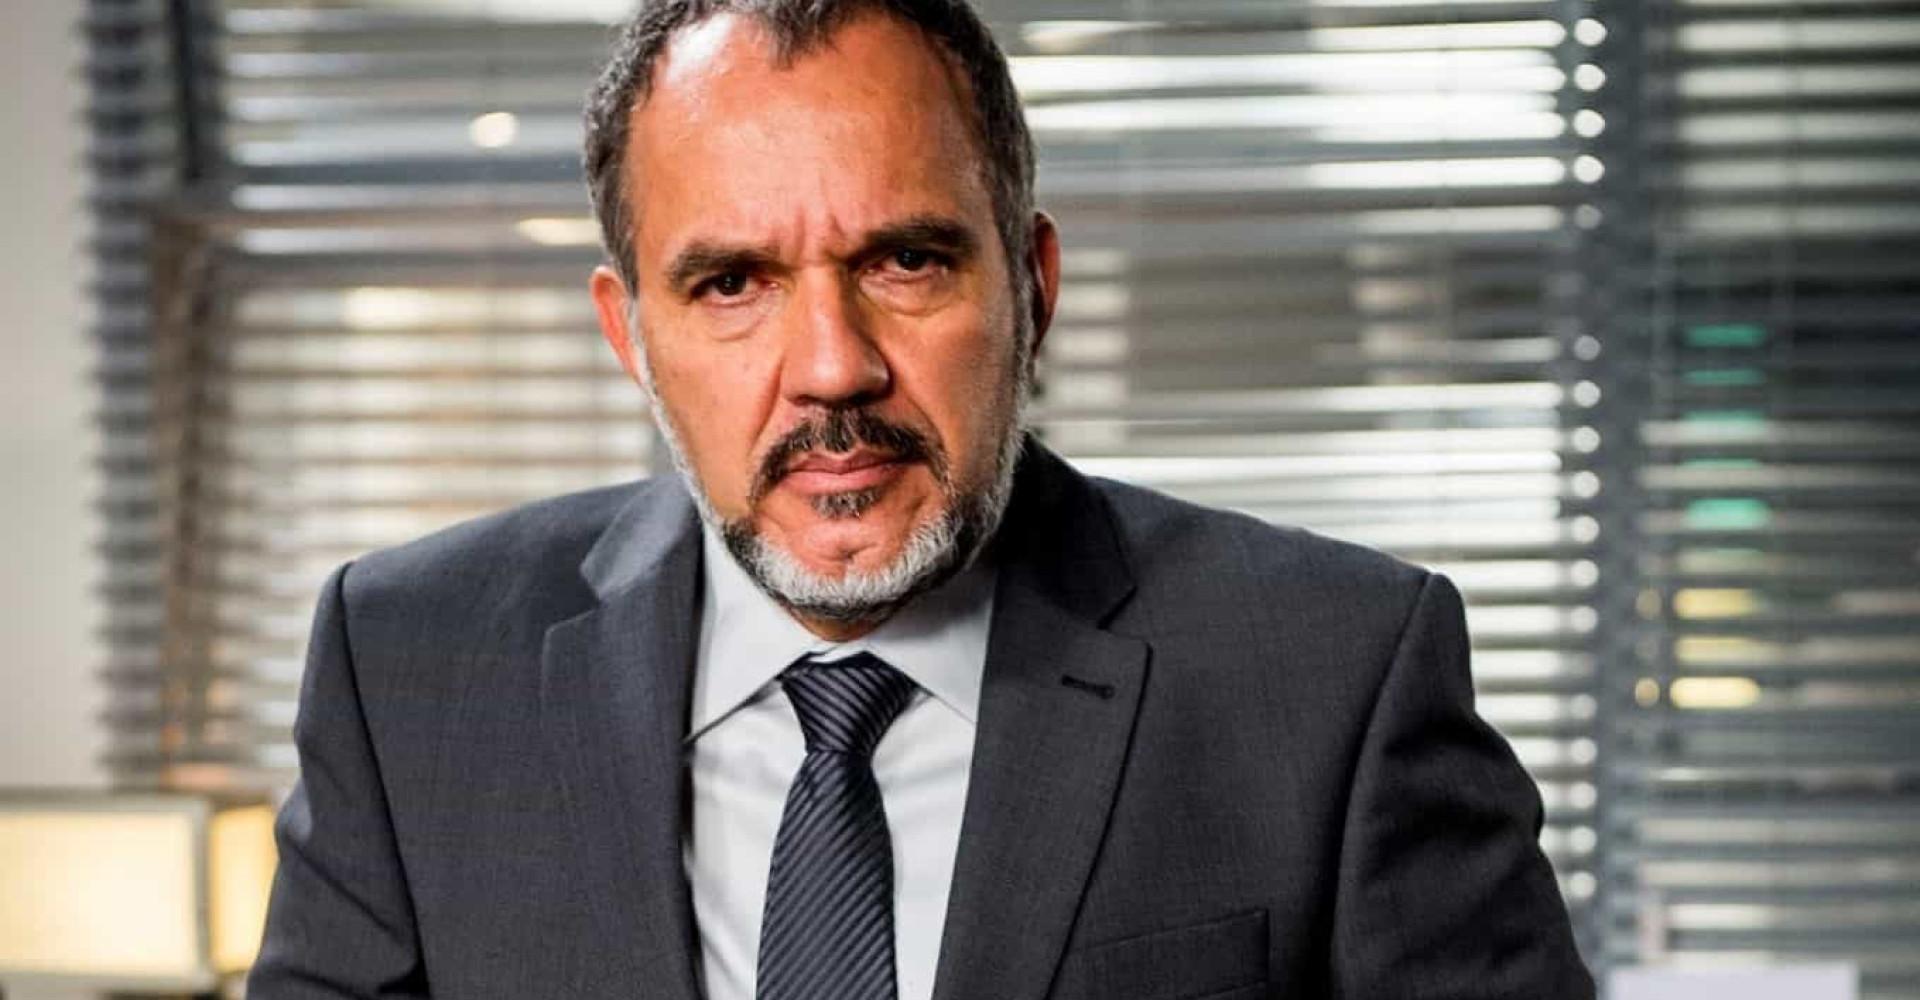 Famosos da Globo saem de grupo de App após Humberto Martins apoiar Bolsonaro